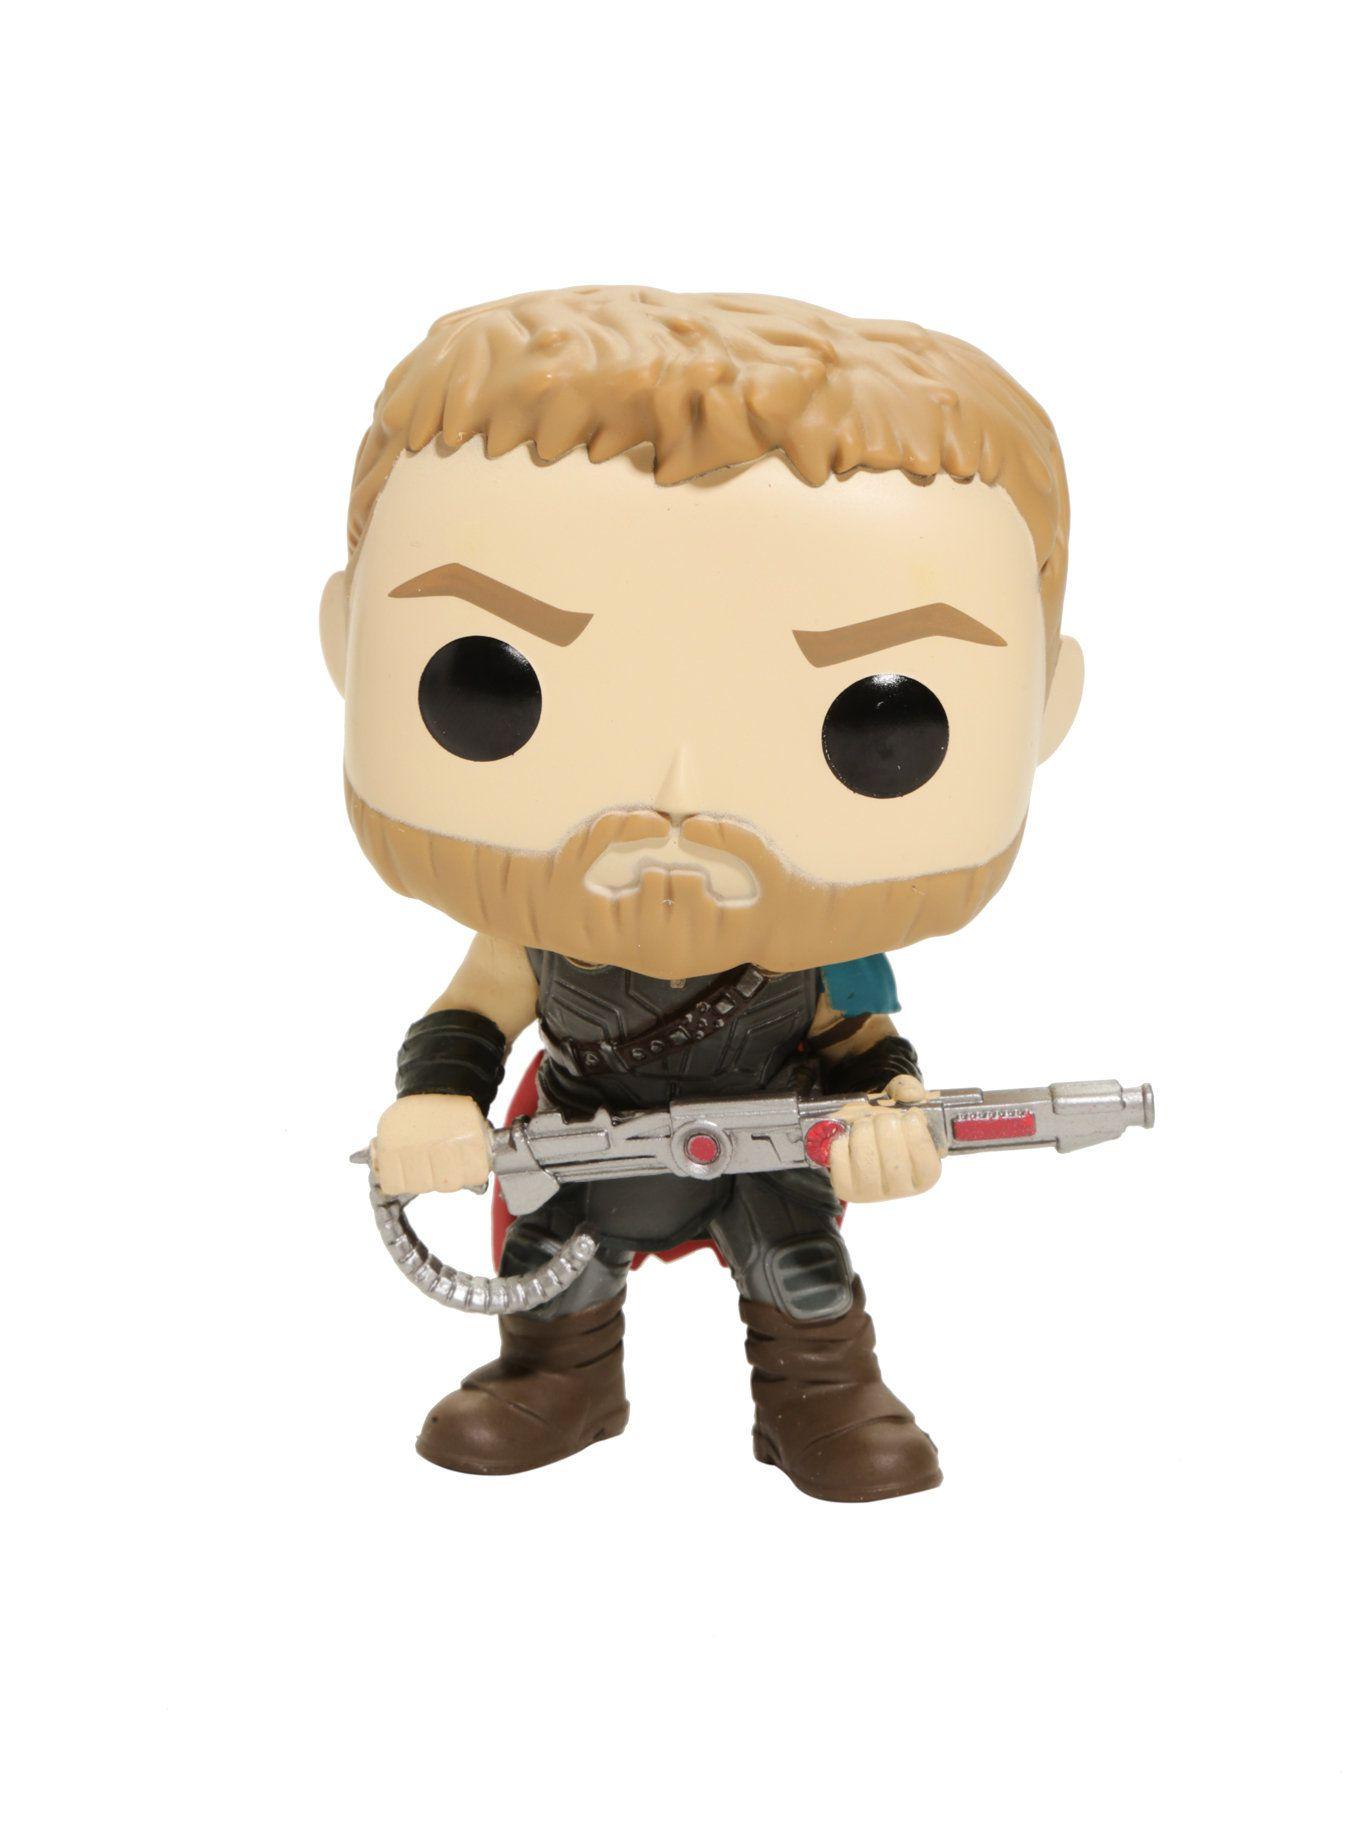 Thor #240 - Thor Ragnarok - Funko Pop! Marvel